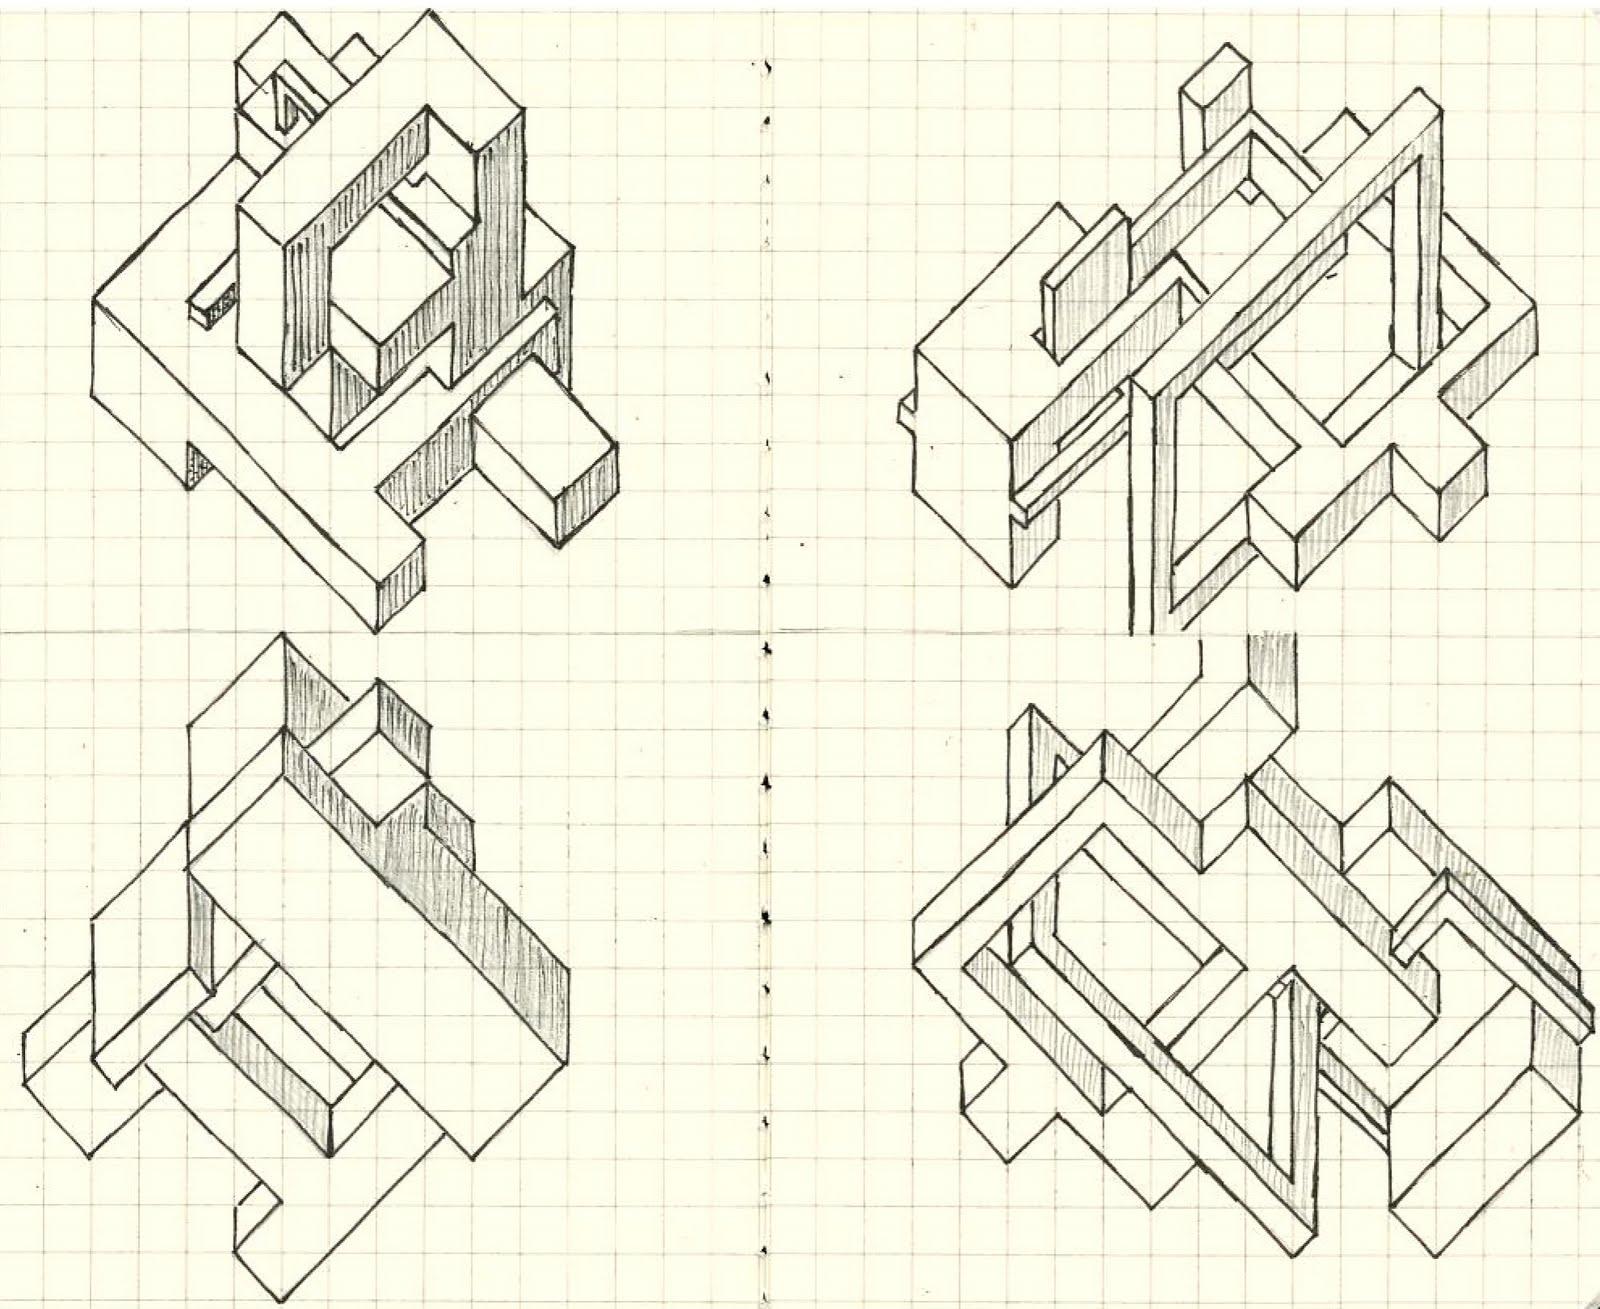 architectural design studio 1. 3 Pair Axonometric ARCH 1101  Architectural Design Studio 1